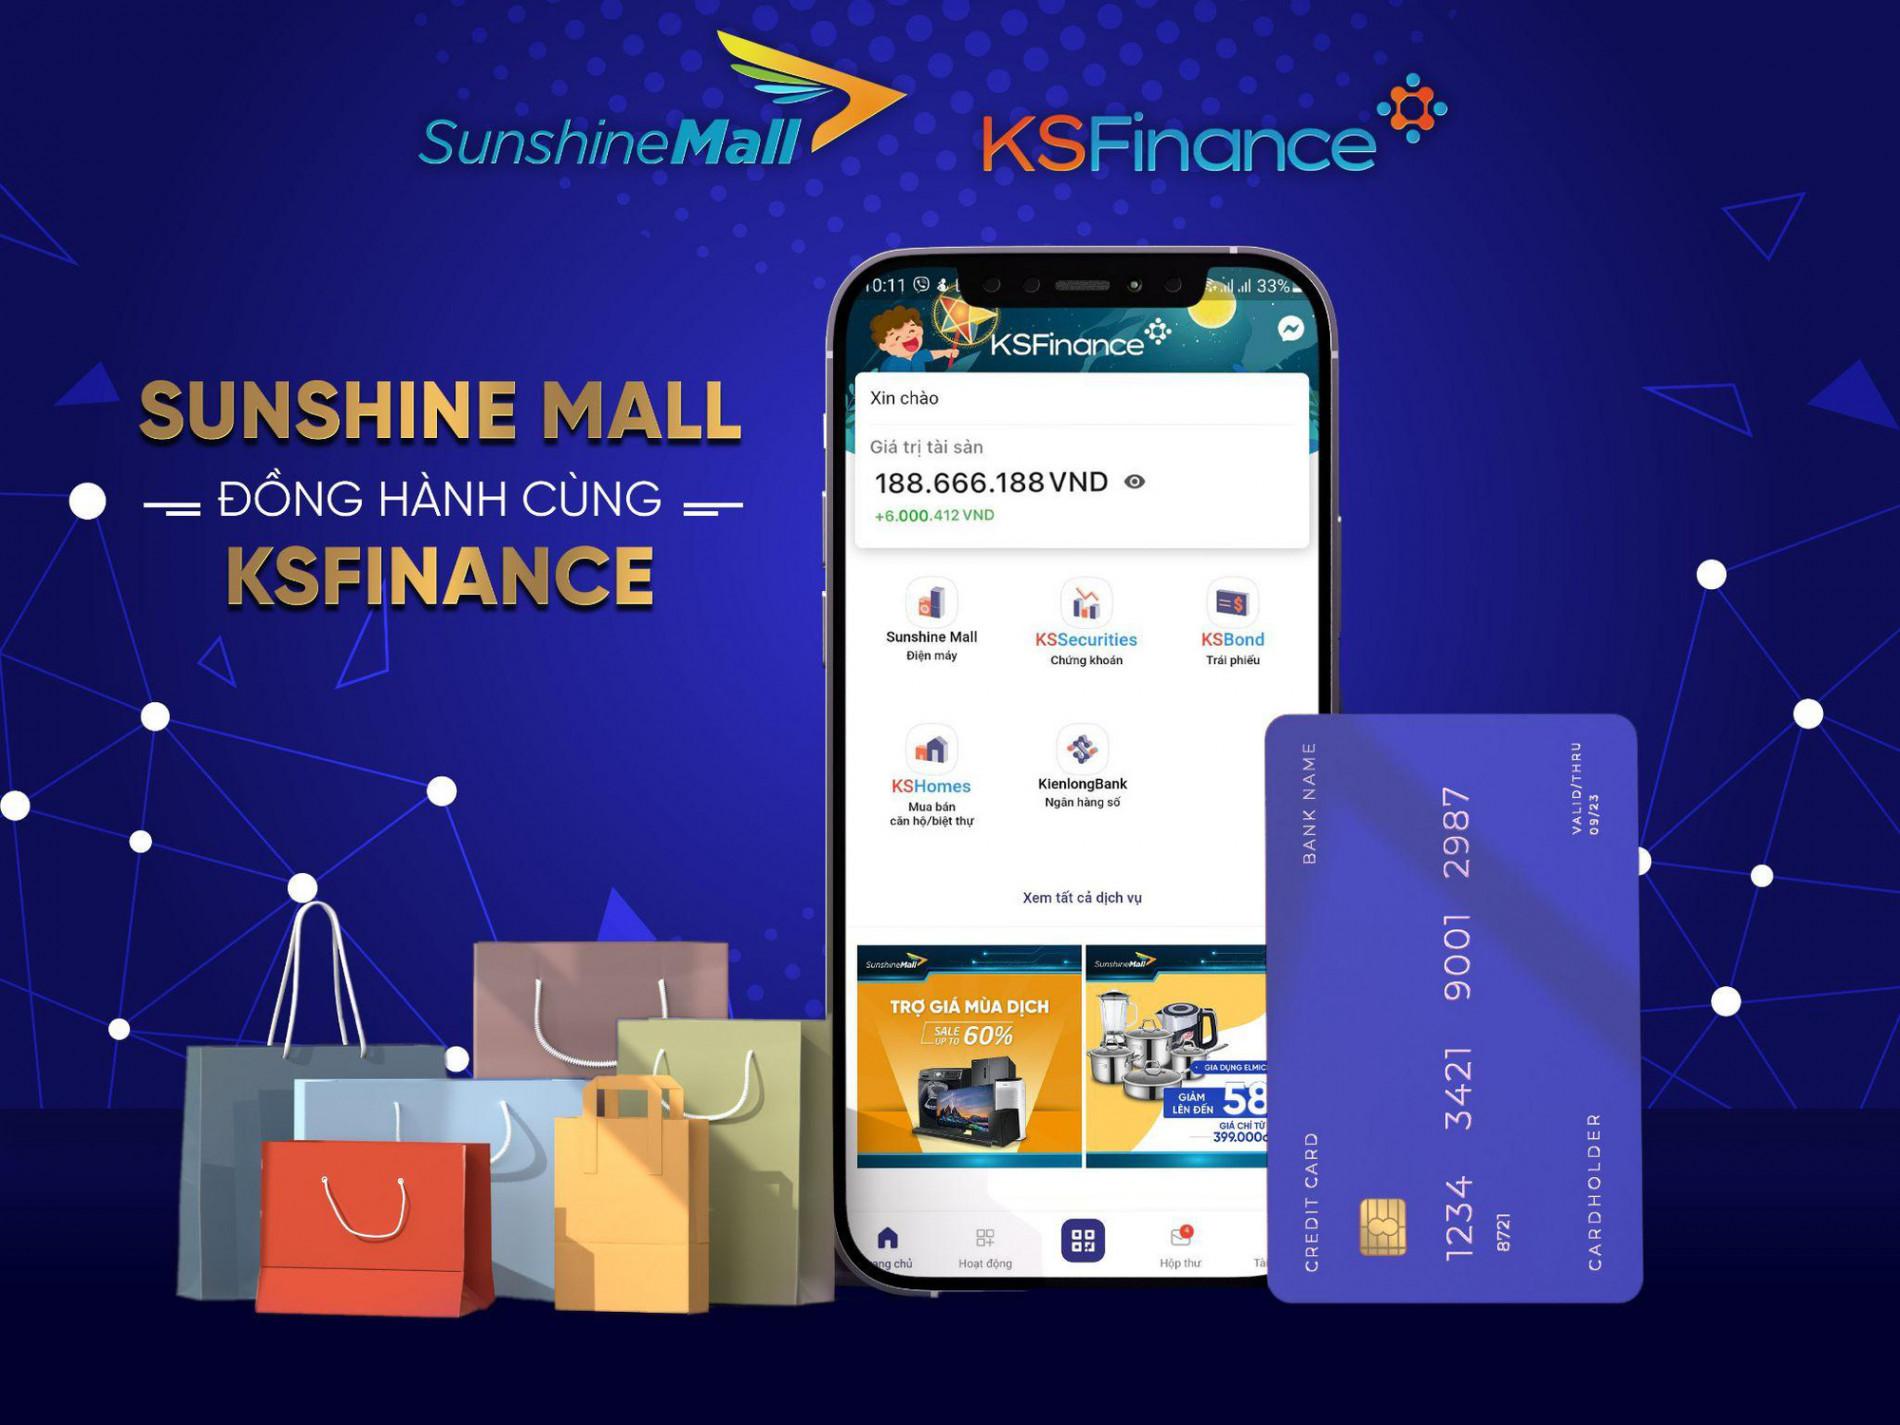 Sunshine Mall chính thức mở bán trên KSFinance App - Ảnh 1.